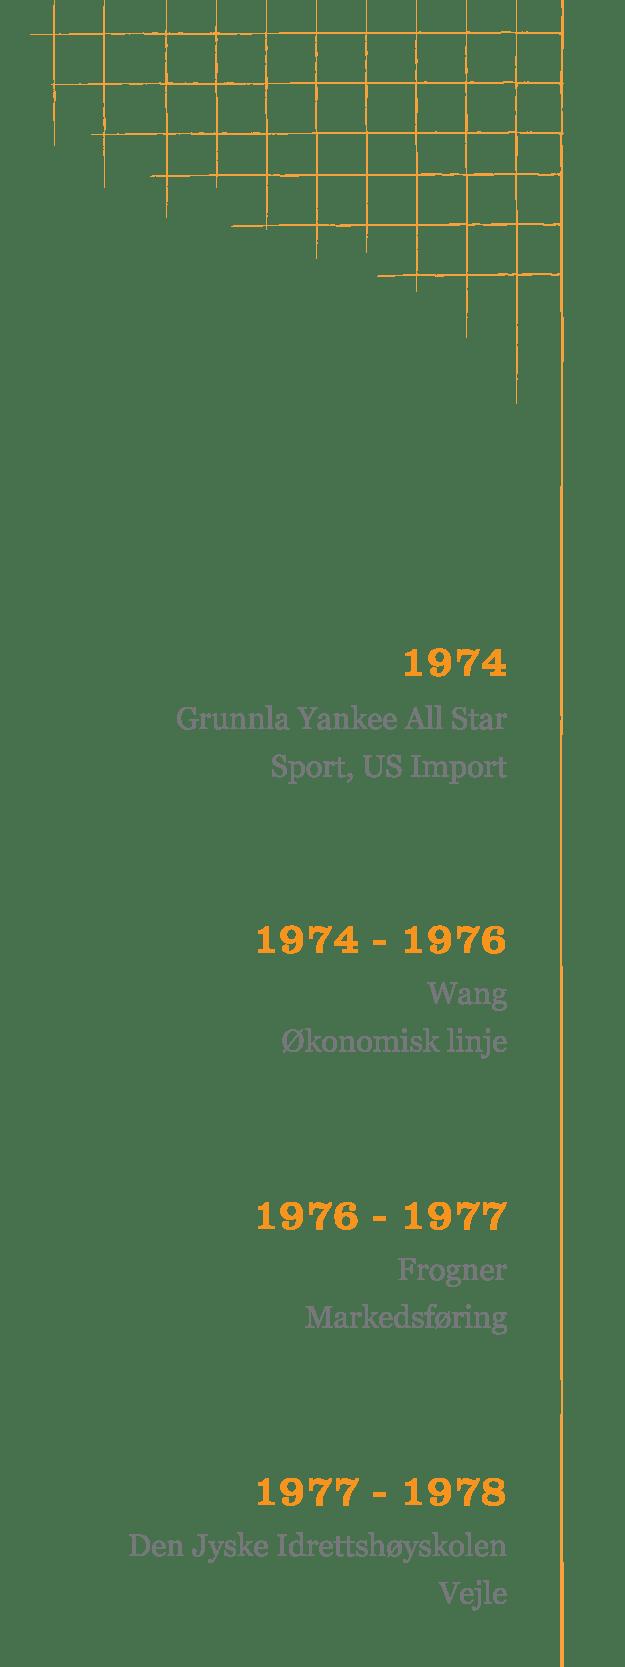 stokke tidslinje 1970